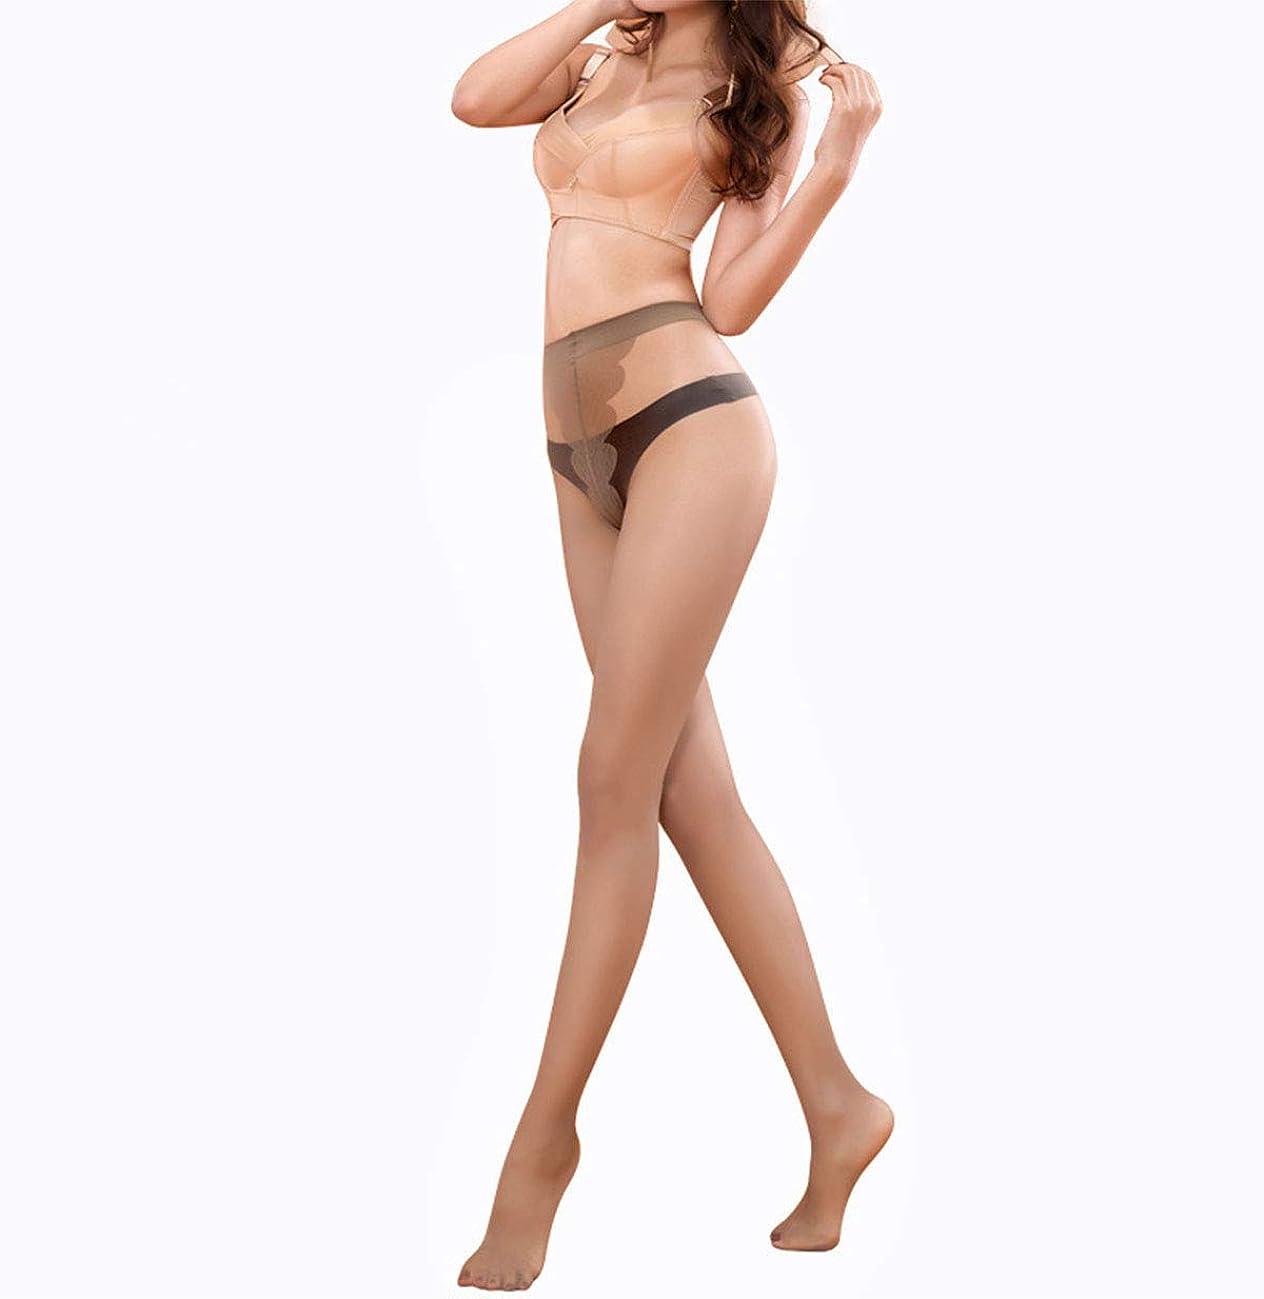 Yulaixuan Womens Opaque Cotton Fleece Lined Tights Estribo de lana Medias gruesas pisotear pantalones c/álidos Villi Leggings